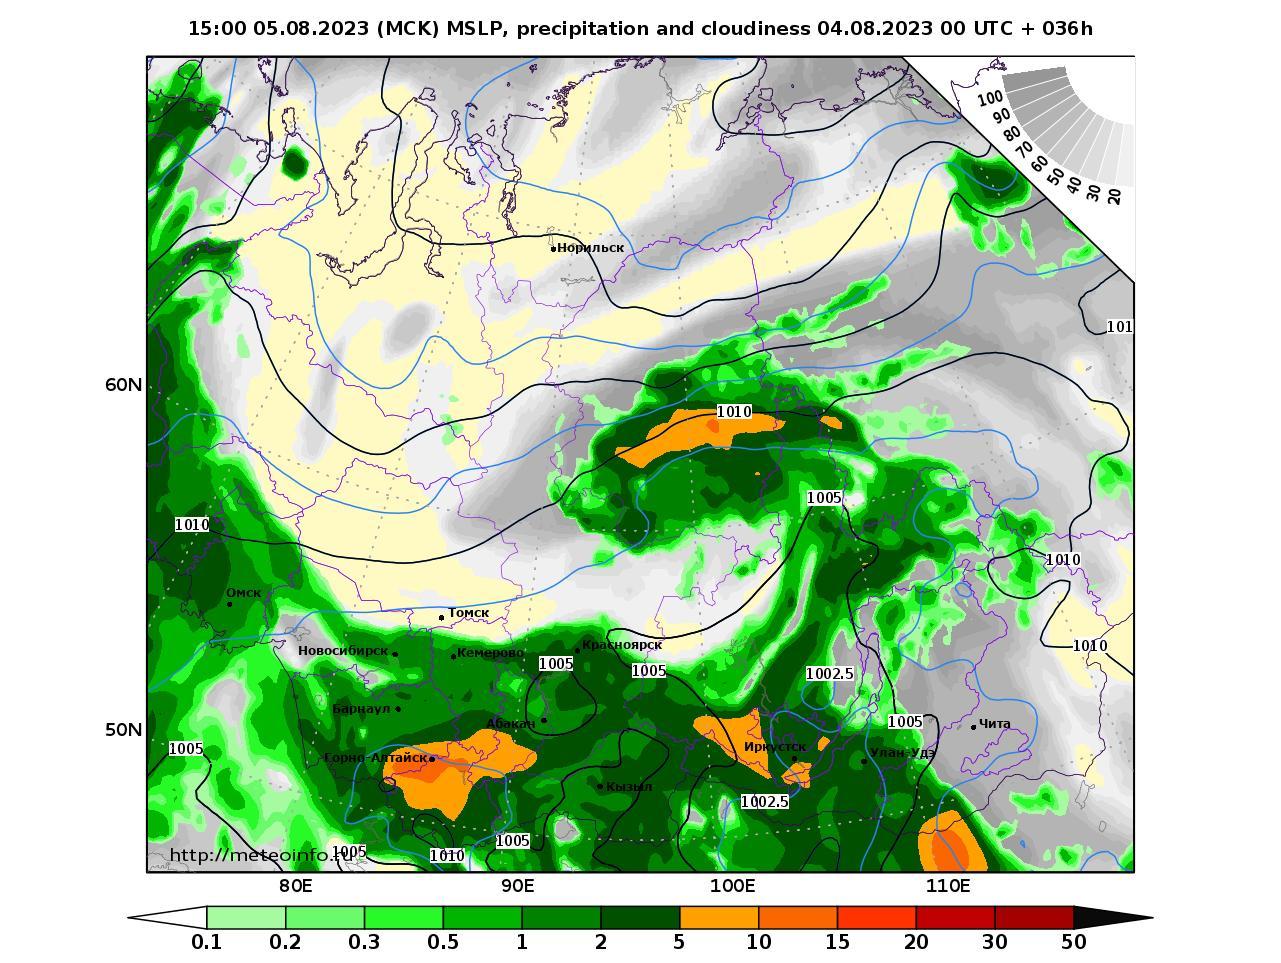 Сибирский Федеральный округ, прогностическая карта осадки и давление, заблаговременность прогноза 36 часов